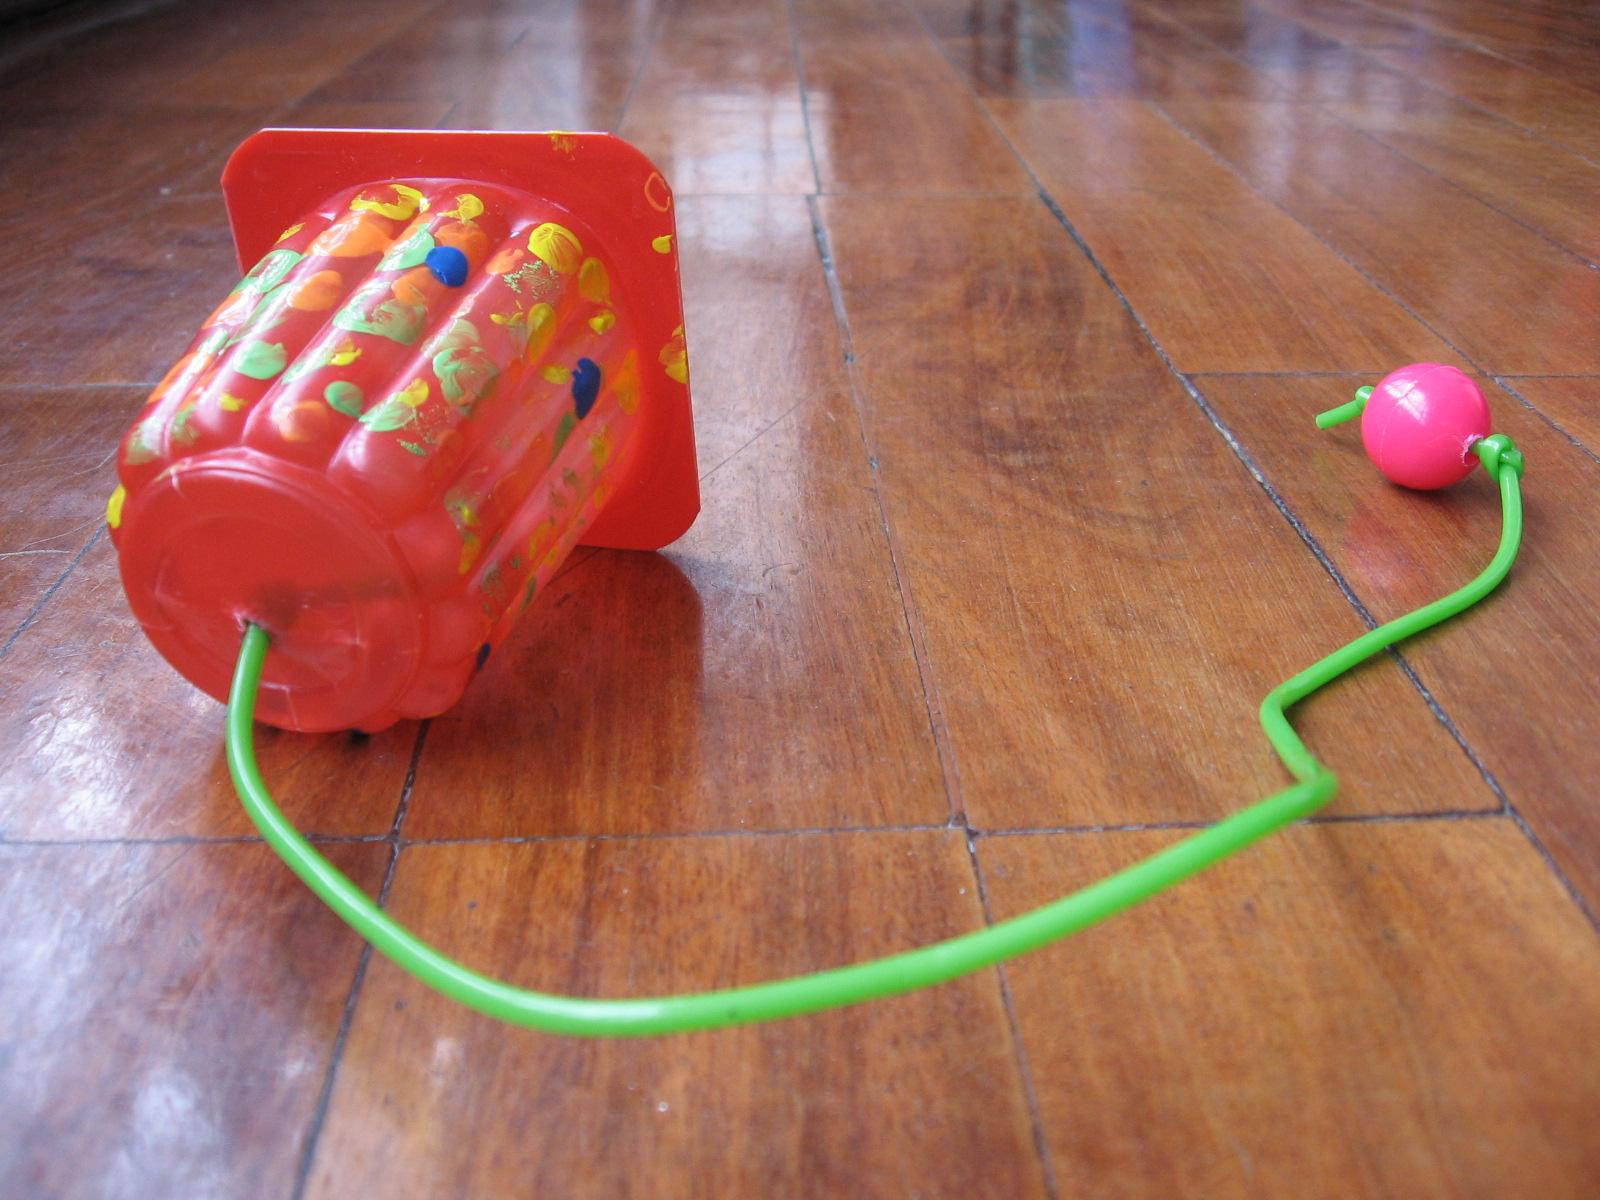 papel o cartón: creando 3 juguetes con material reciclado | Mi Kinder